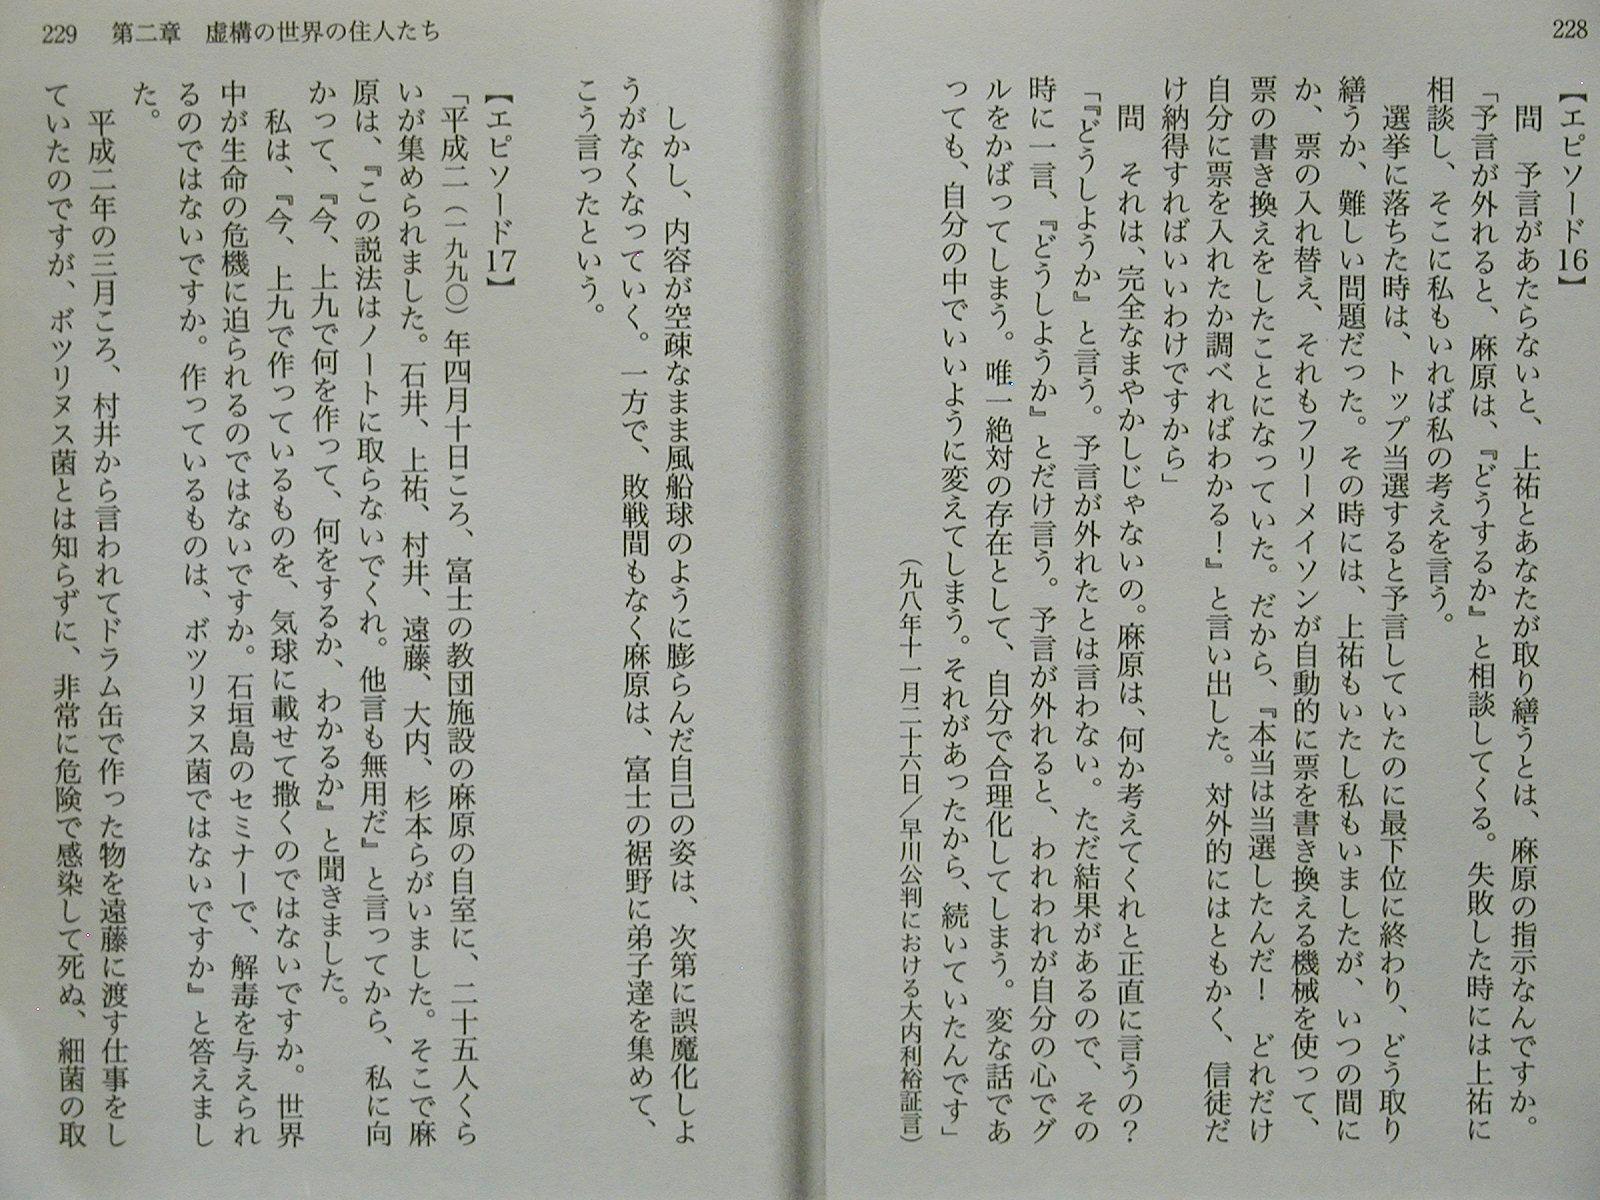 オウム裁判傍笑記 P228